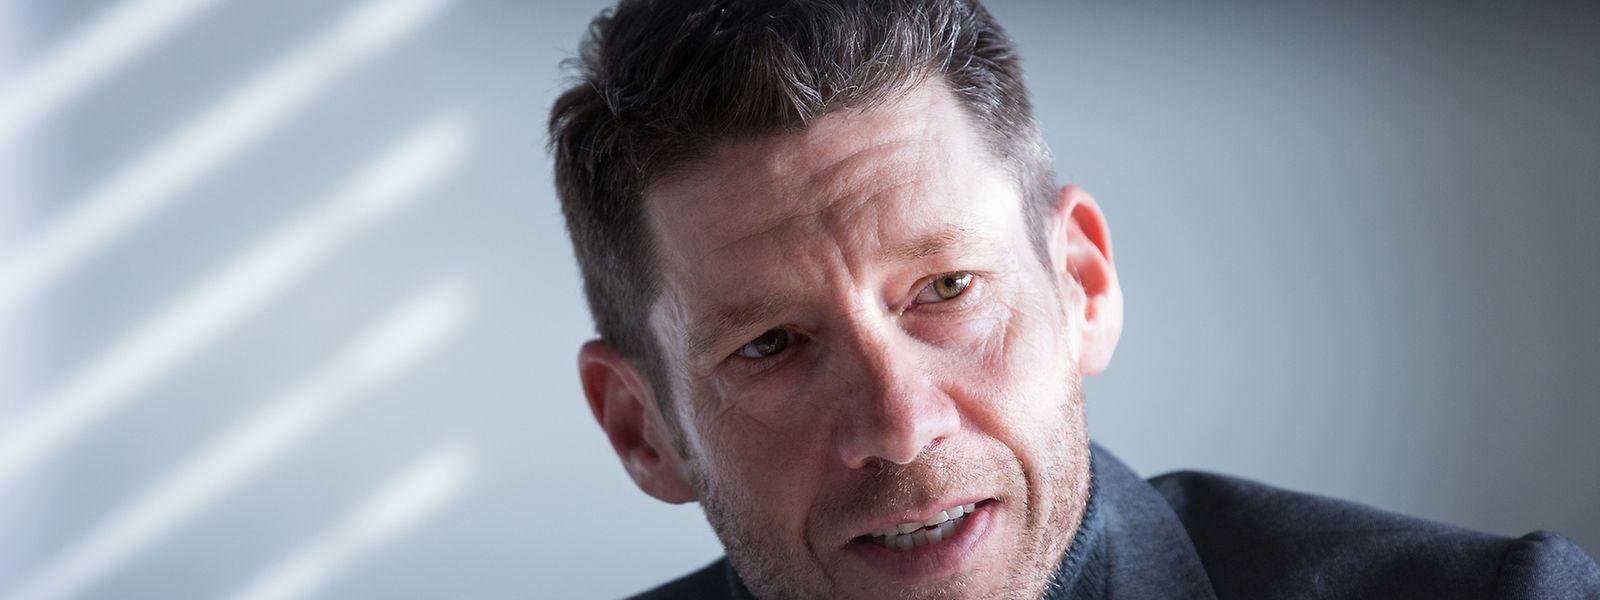 Joost Ortjens ist Fachgebietsleiter für Fahrzeugkomponenten bei Luxinnovation, der luxemburgischen Agentur zur Förderung von Innovation und Forschung.